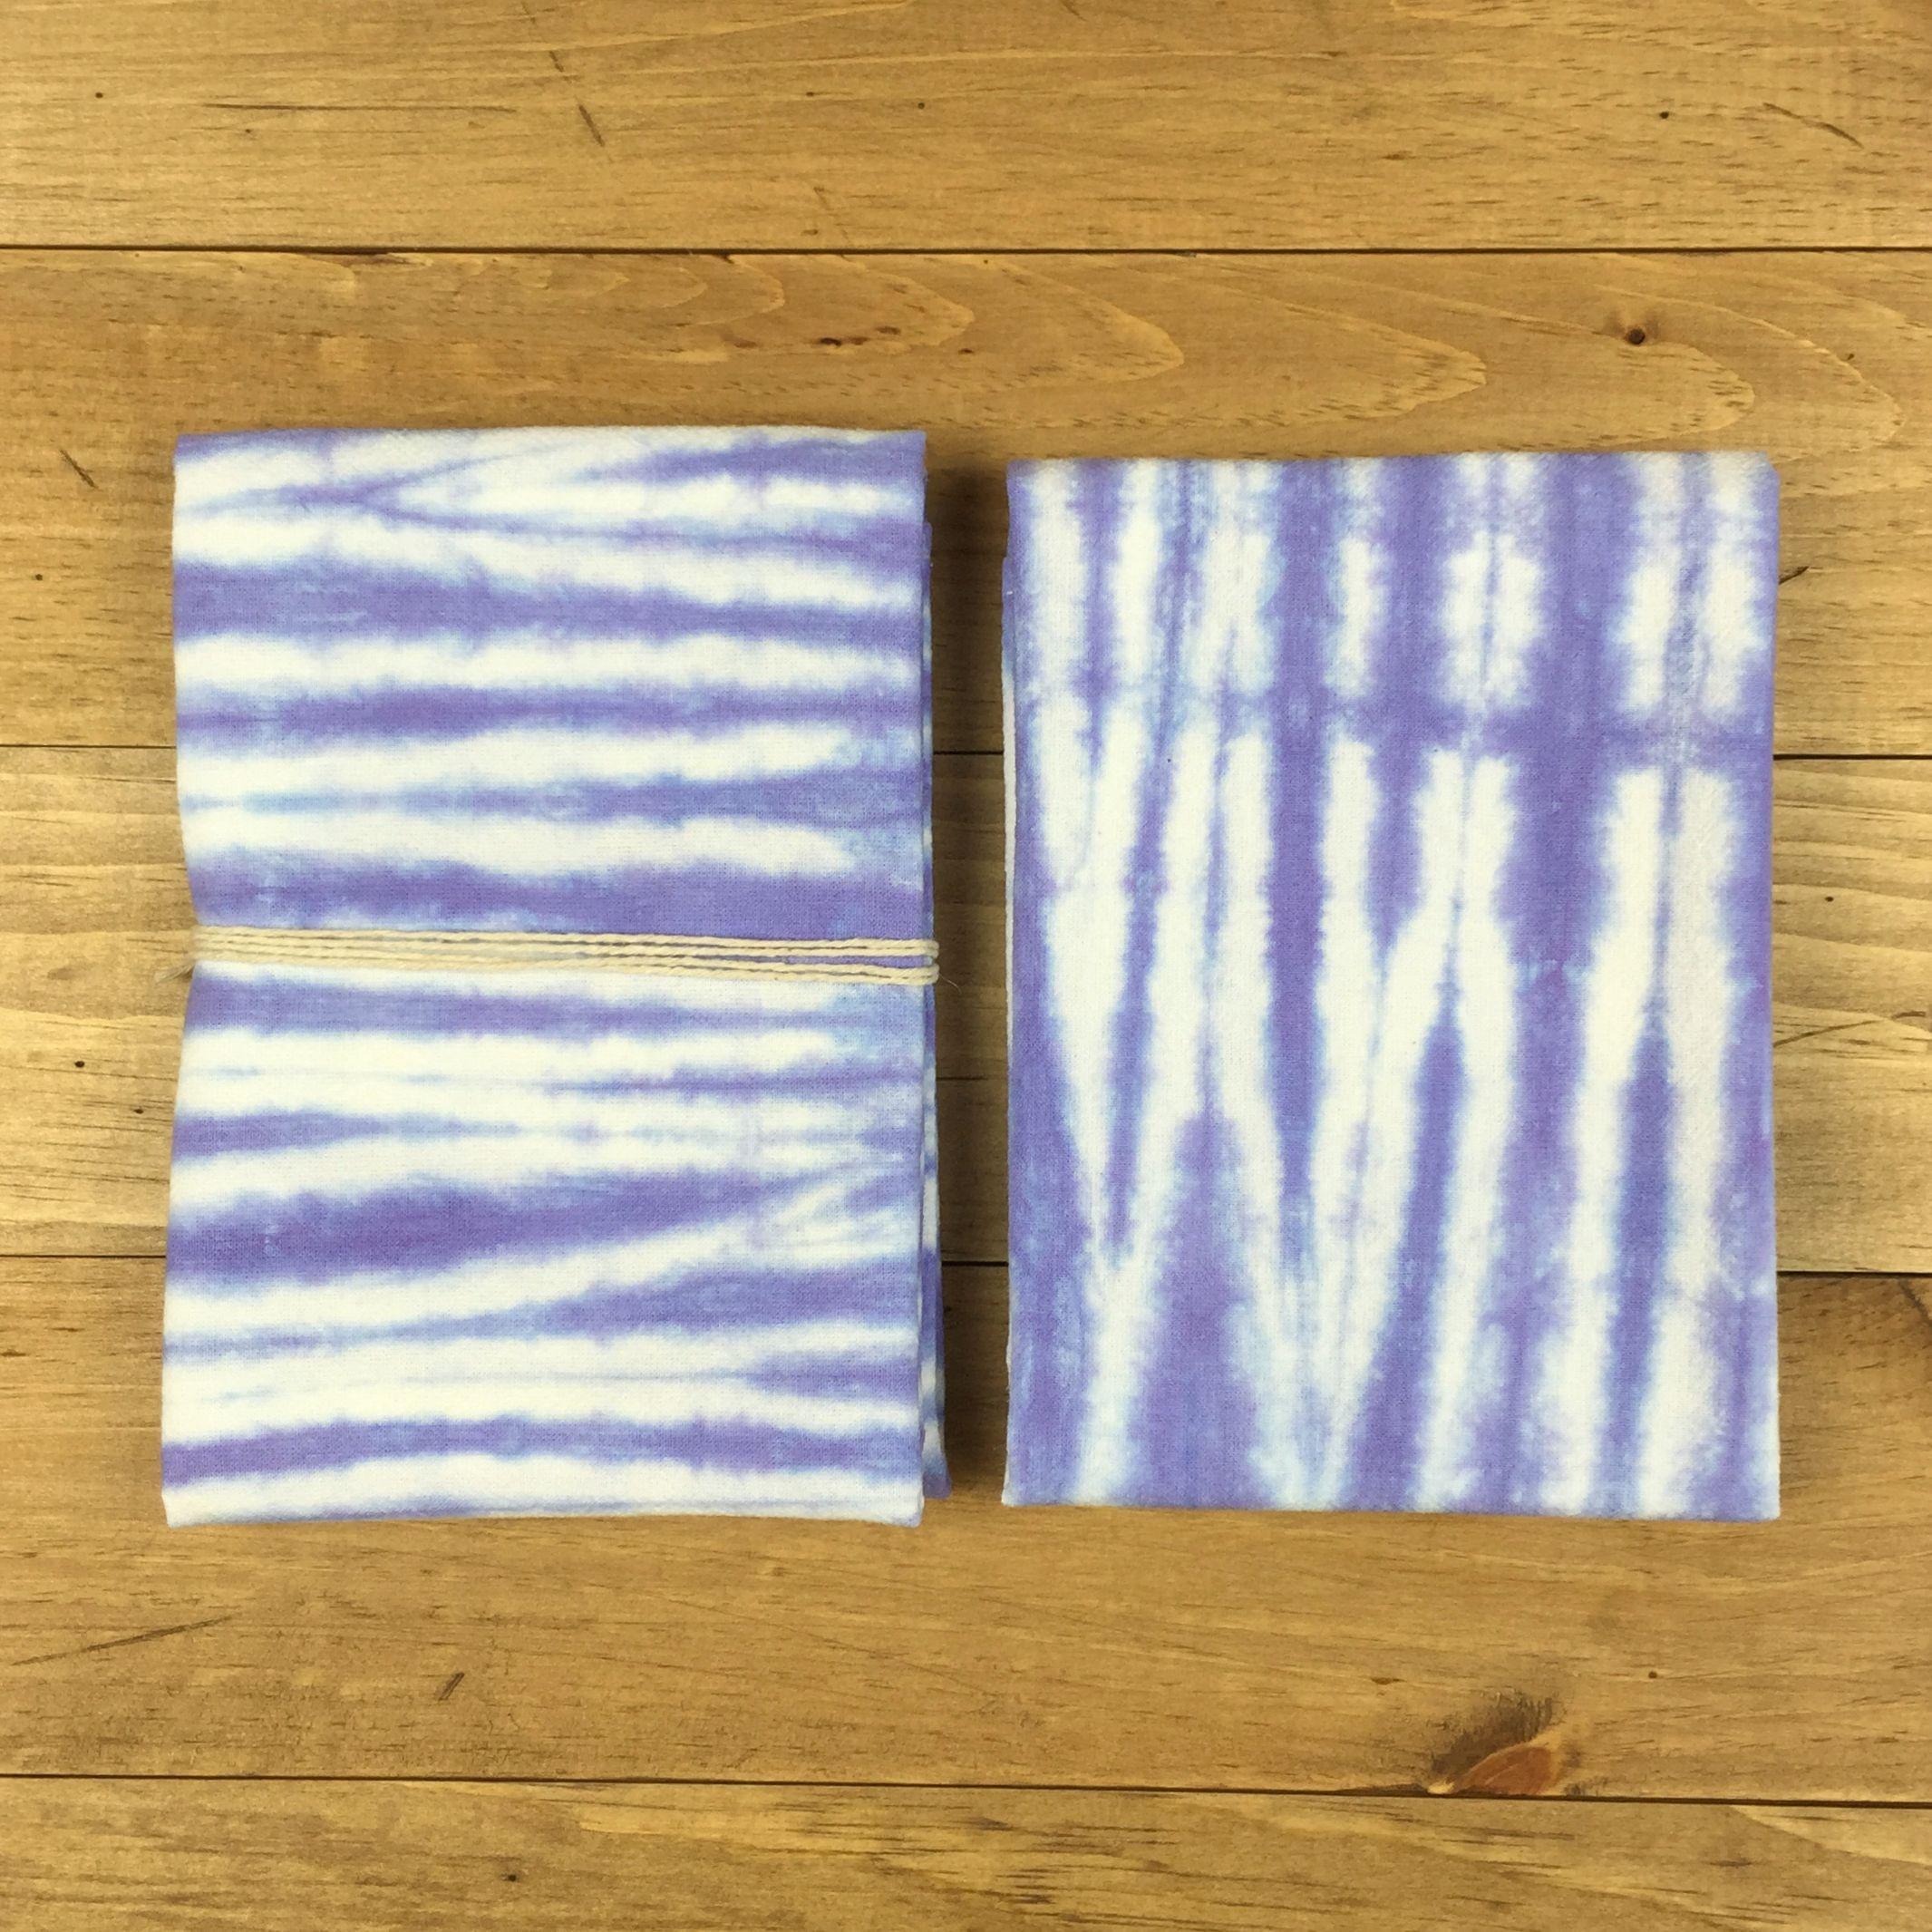 2 Flour Sack Towels